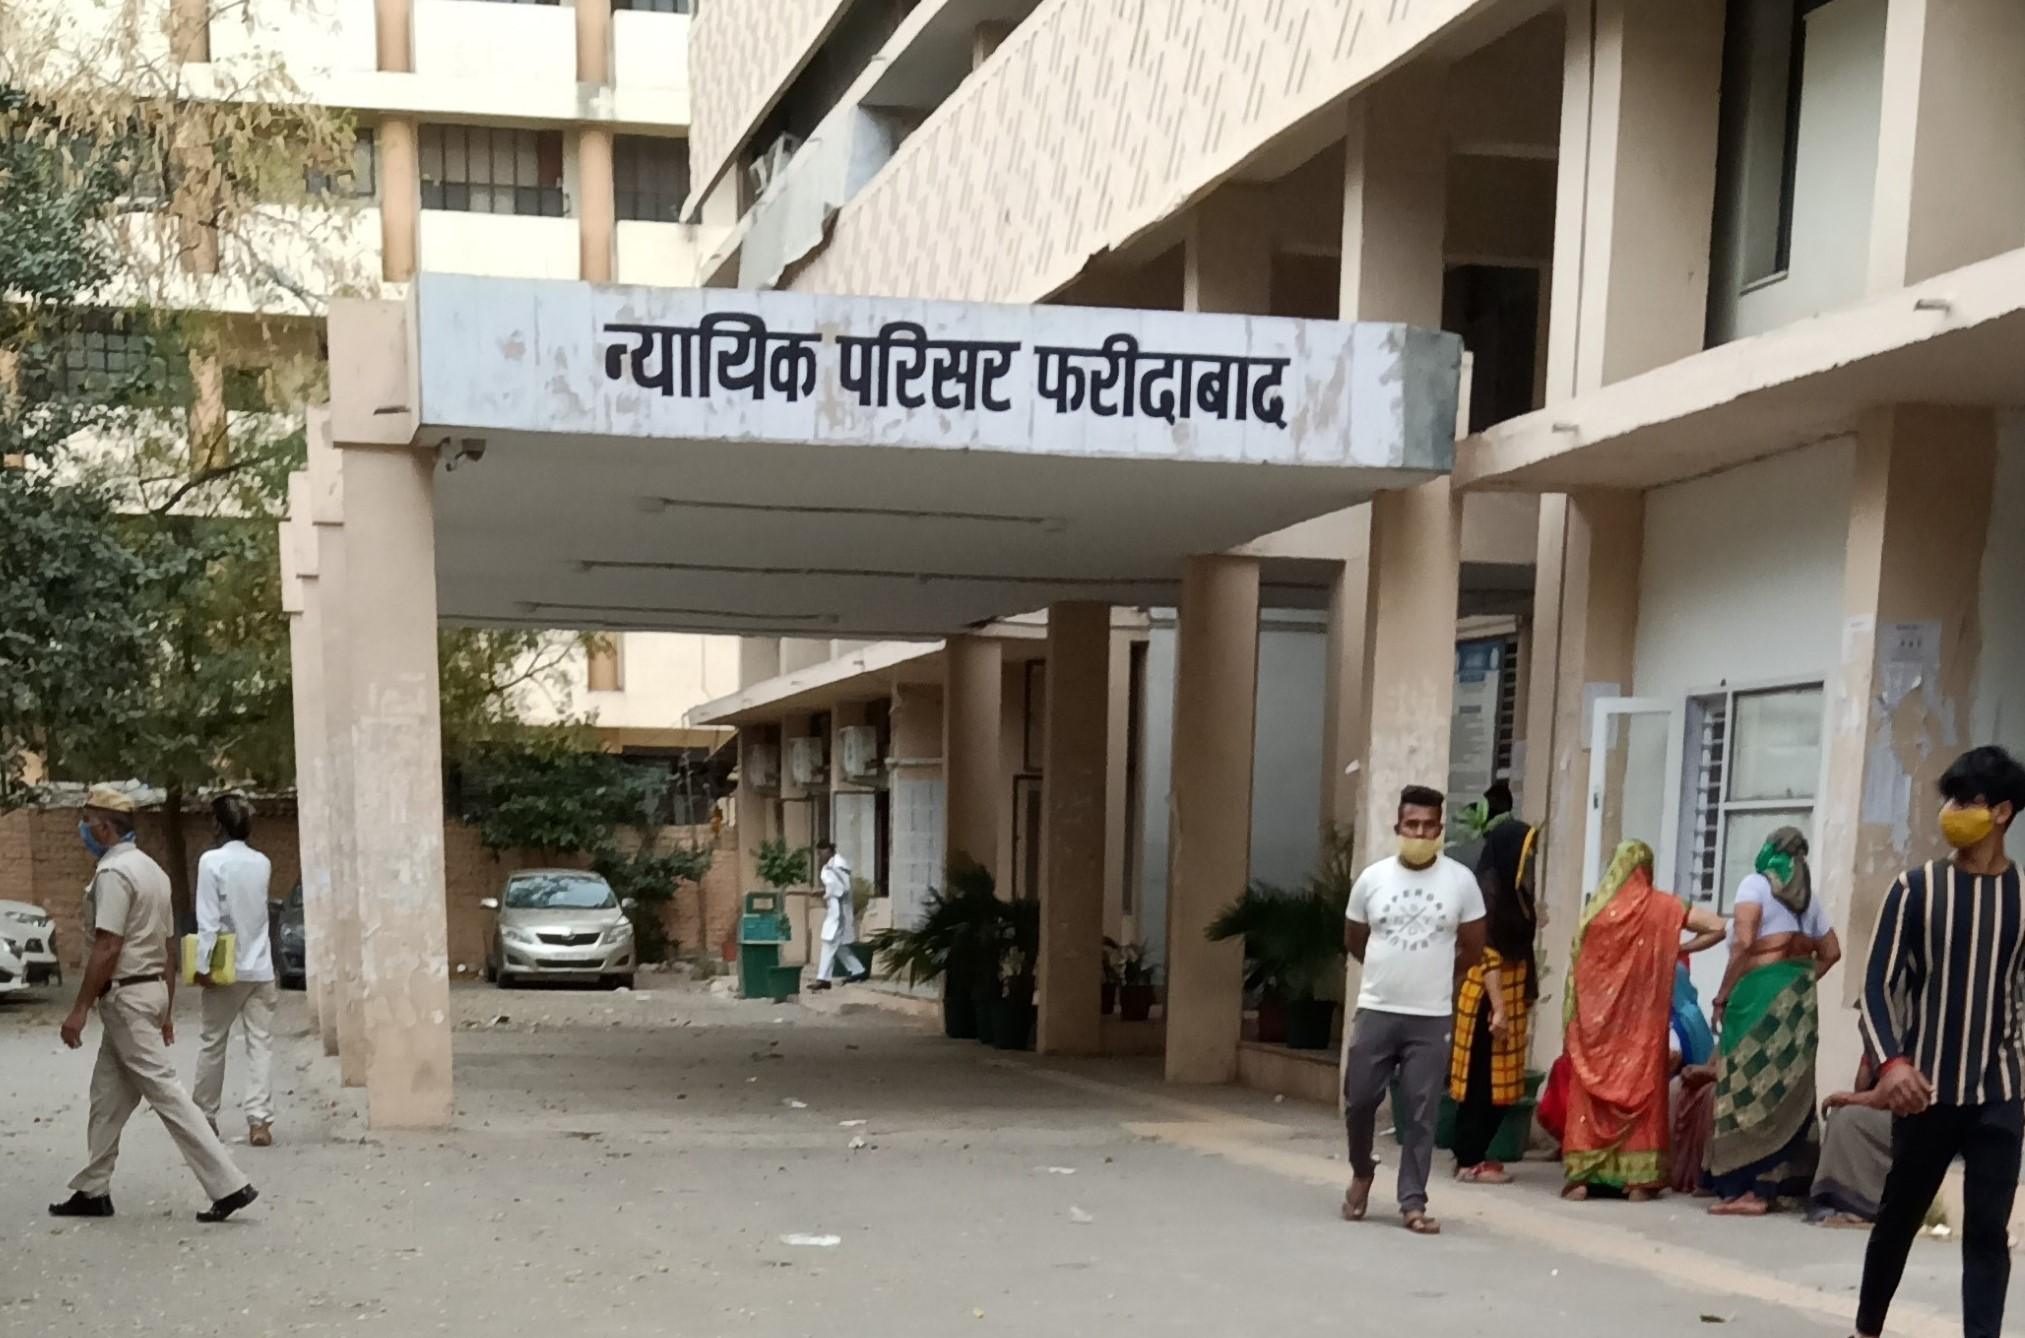 आठवीं में पढ़ने वाली छात्रा से शादी करने का झांसा देकर बंधक बना करता रहा दुष्कर्म, कोर्ट ने सुनाई दस साल की सजा|फरीदाबाद,Faridabad - Dainik Bhaskar